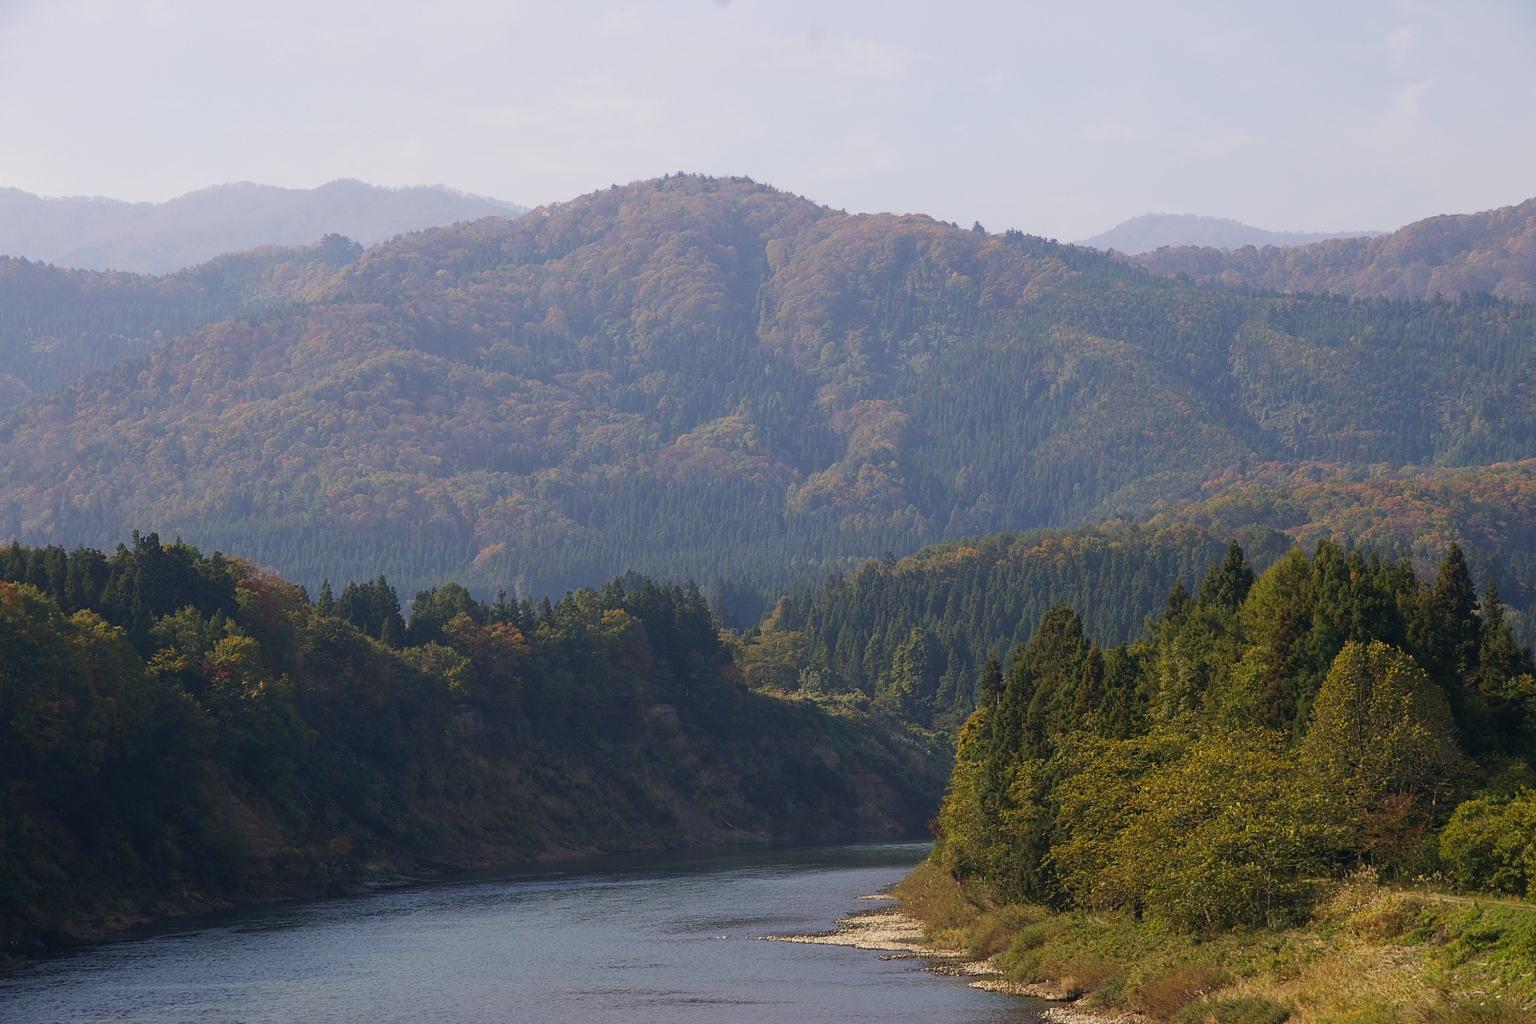 I村山市 三ヶ瀬の流れ 最上川